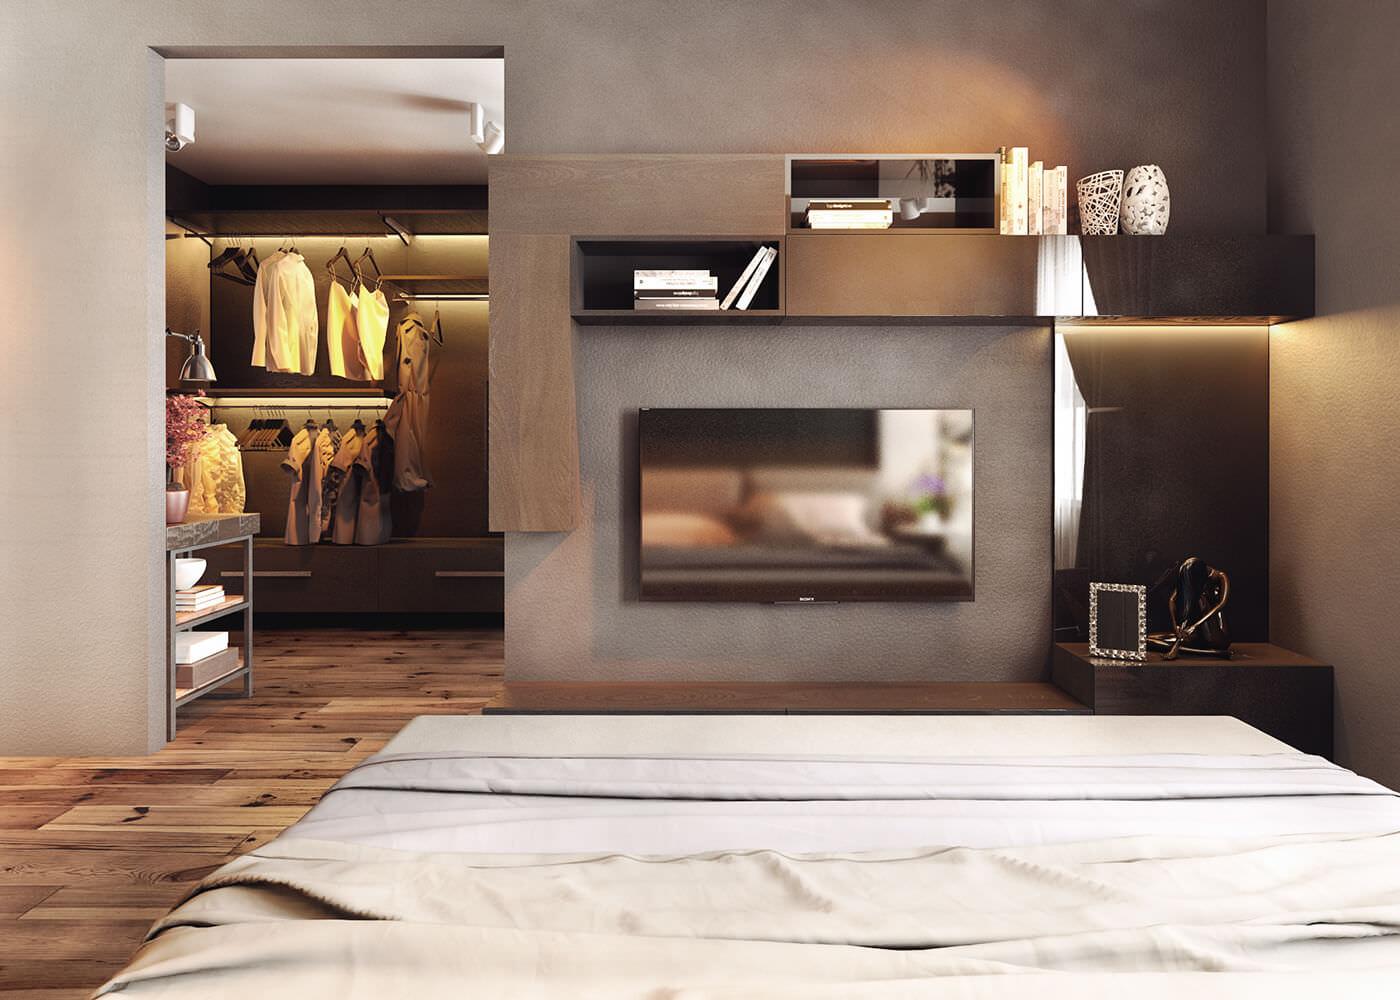 prostoren-apartament-s-eleganten-interior-v-neutralni-tsvetove-7g